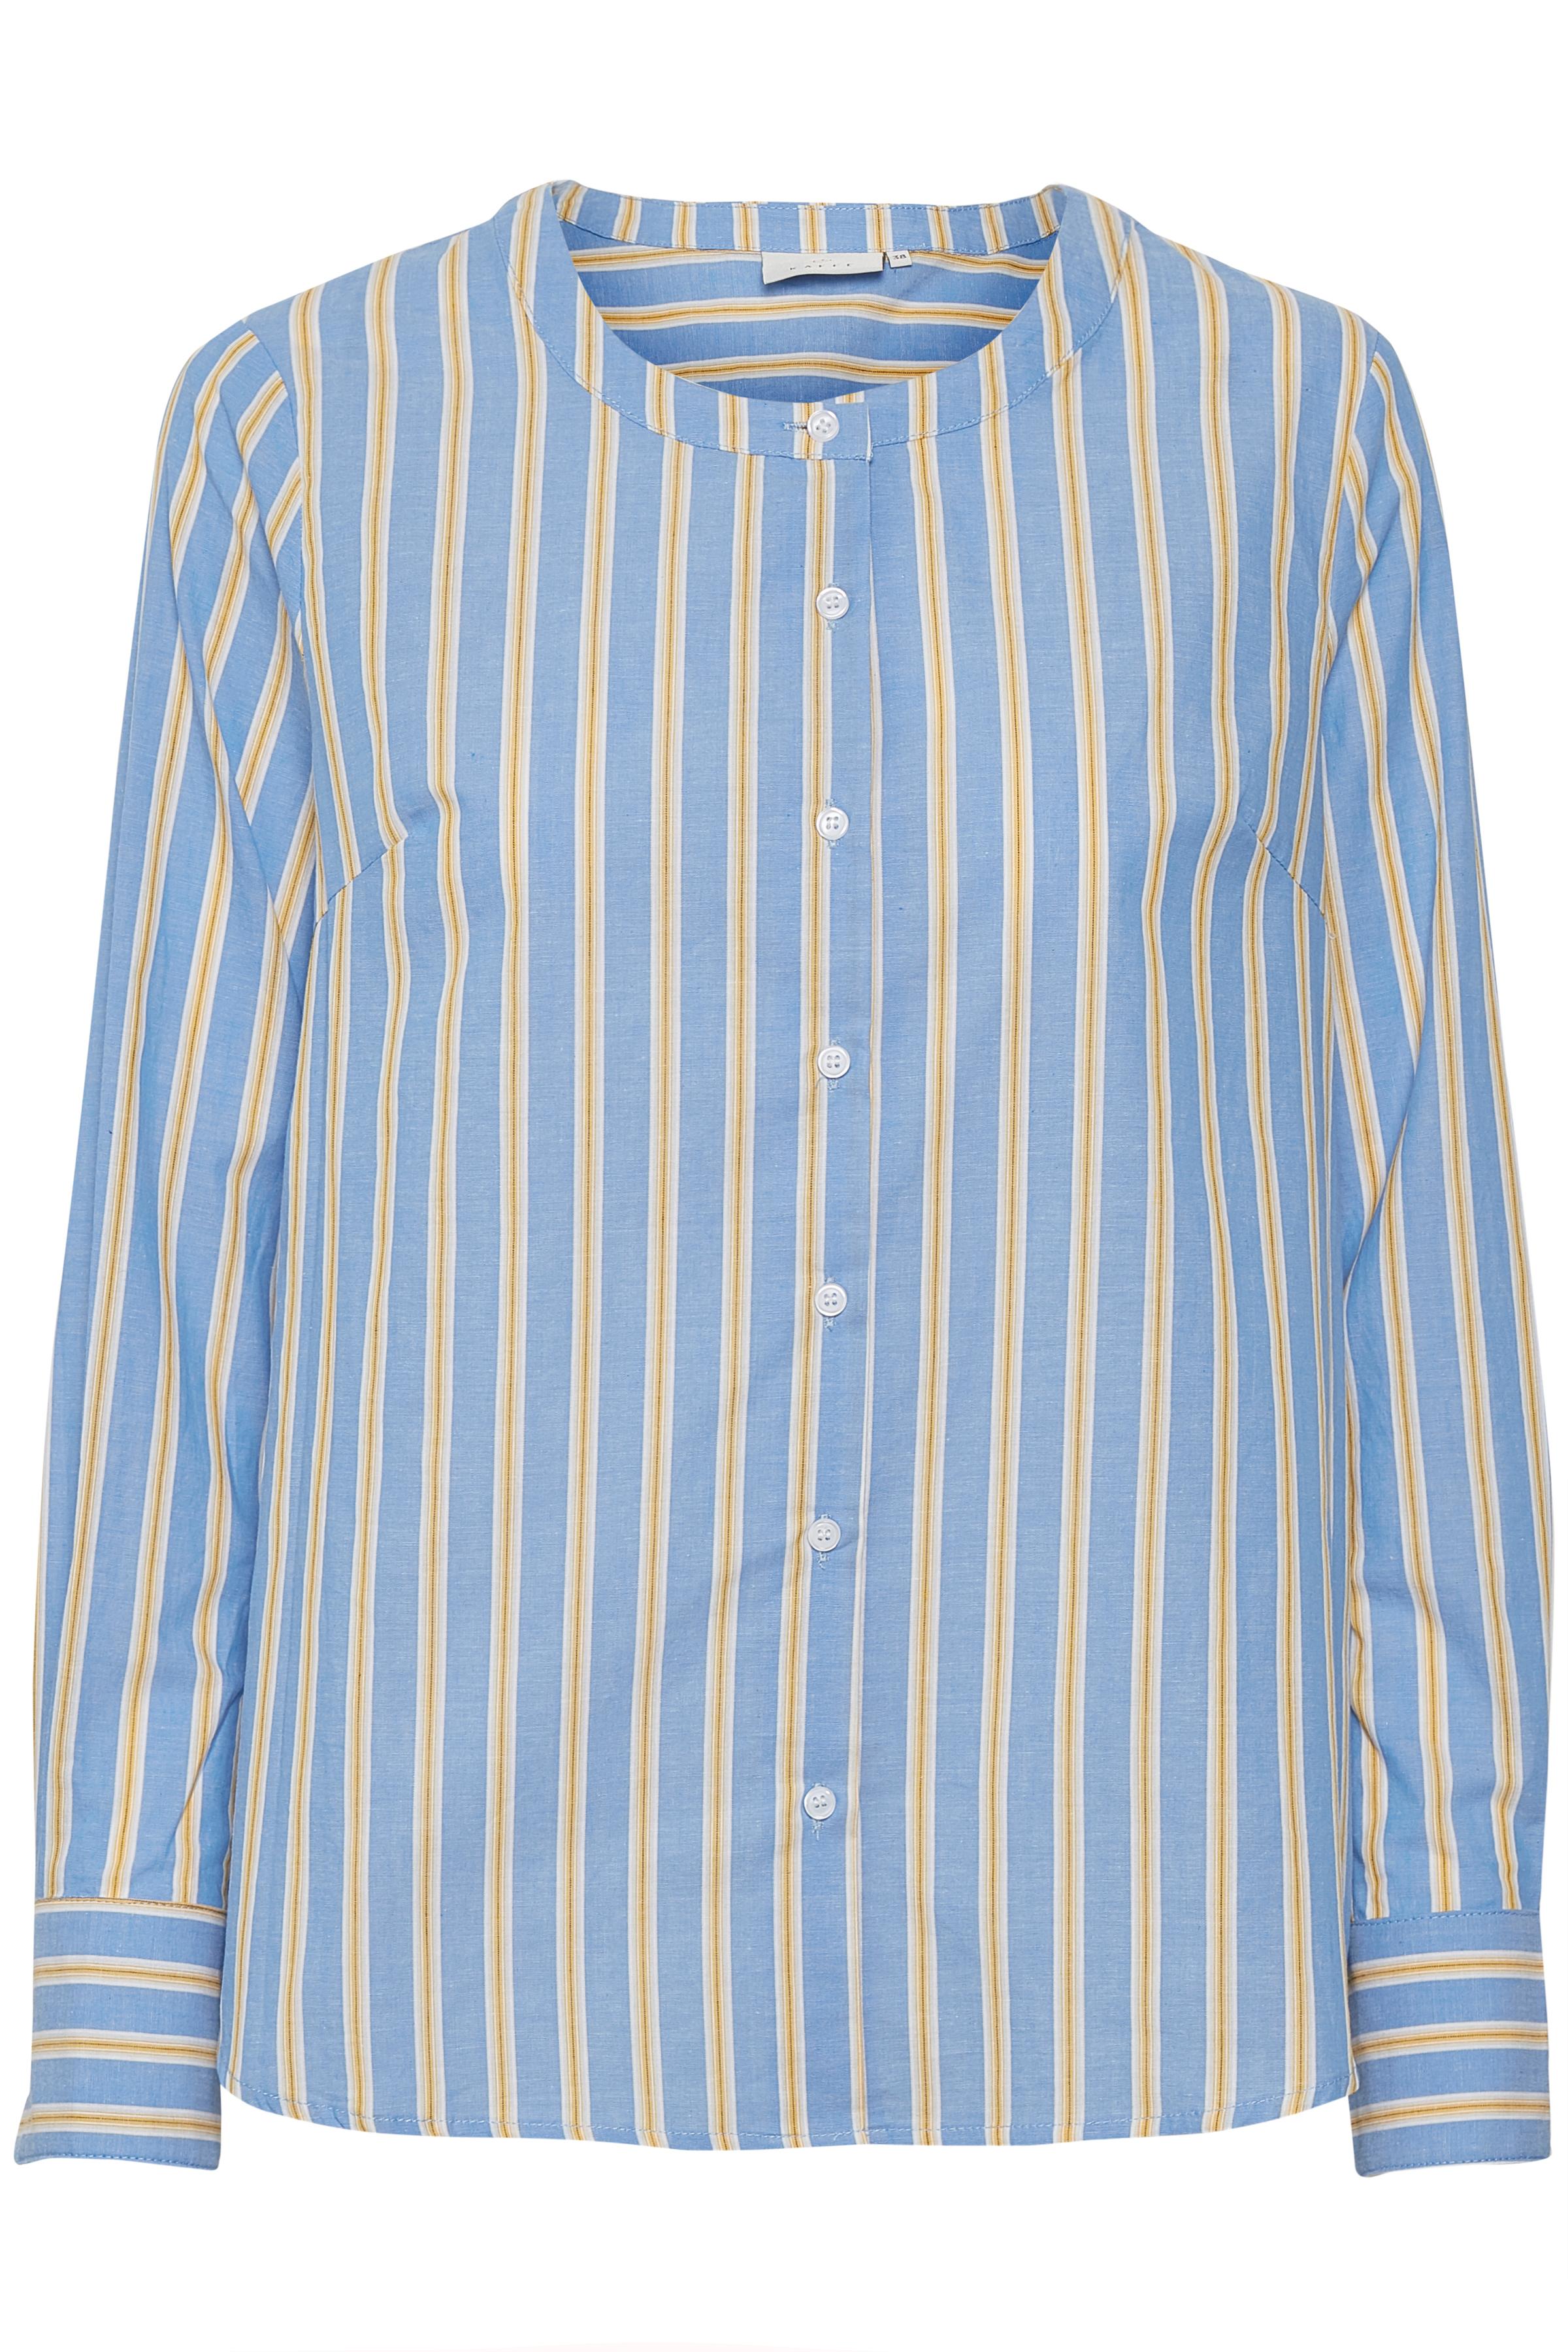 Hellblau/gelb Langarm - Hemd von Kaffe – Shoppen Sie Hellblau/gelb Langarm - Hemd ab Gr. 34-46 hier